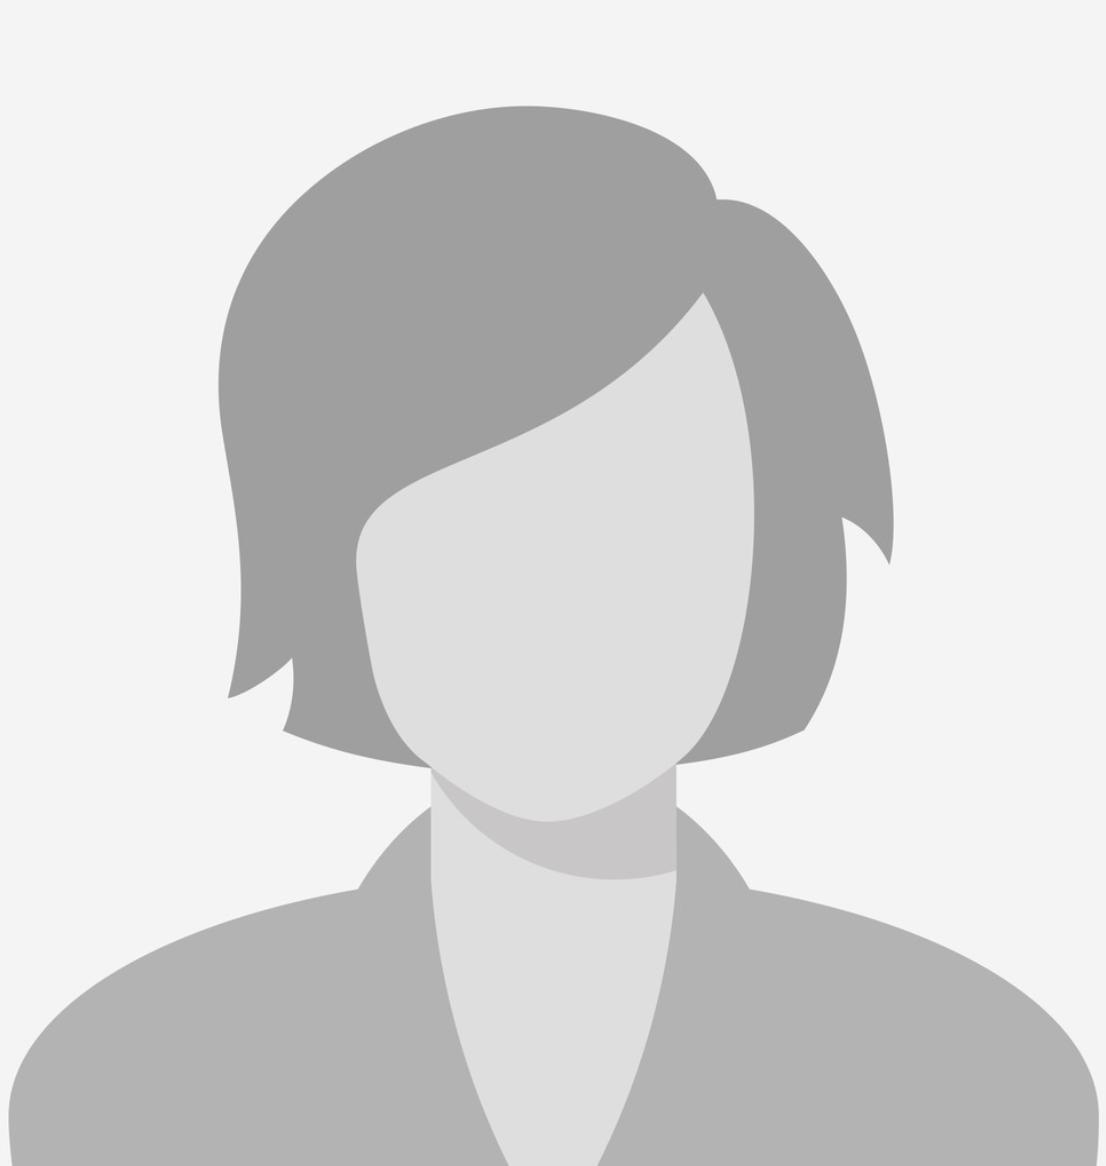 FemalePlaceholder.PNG